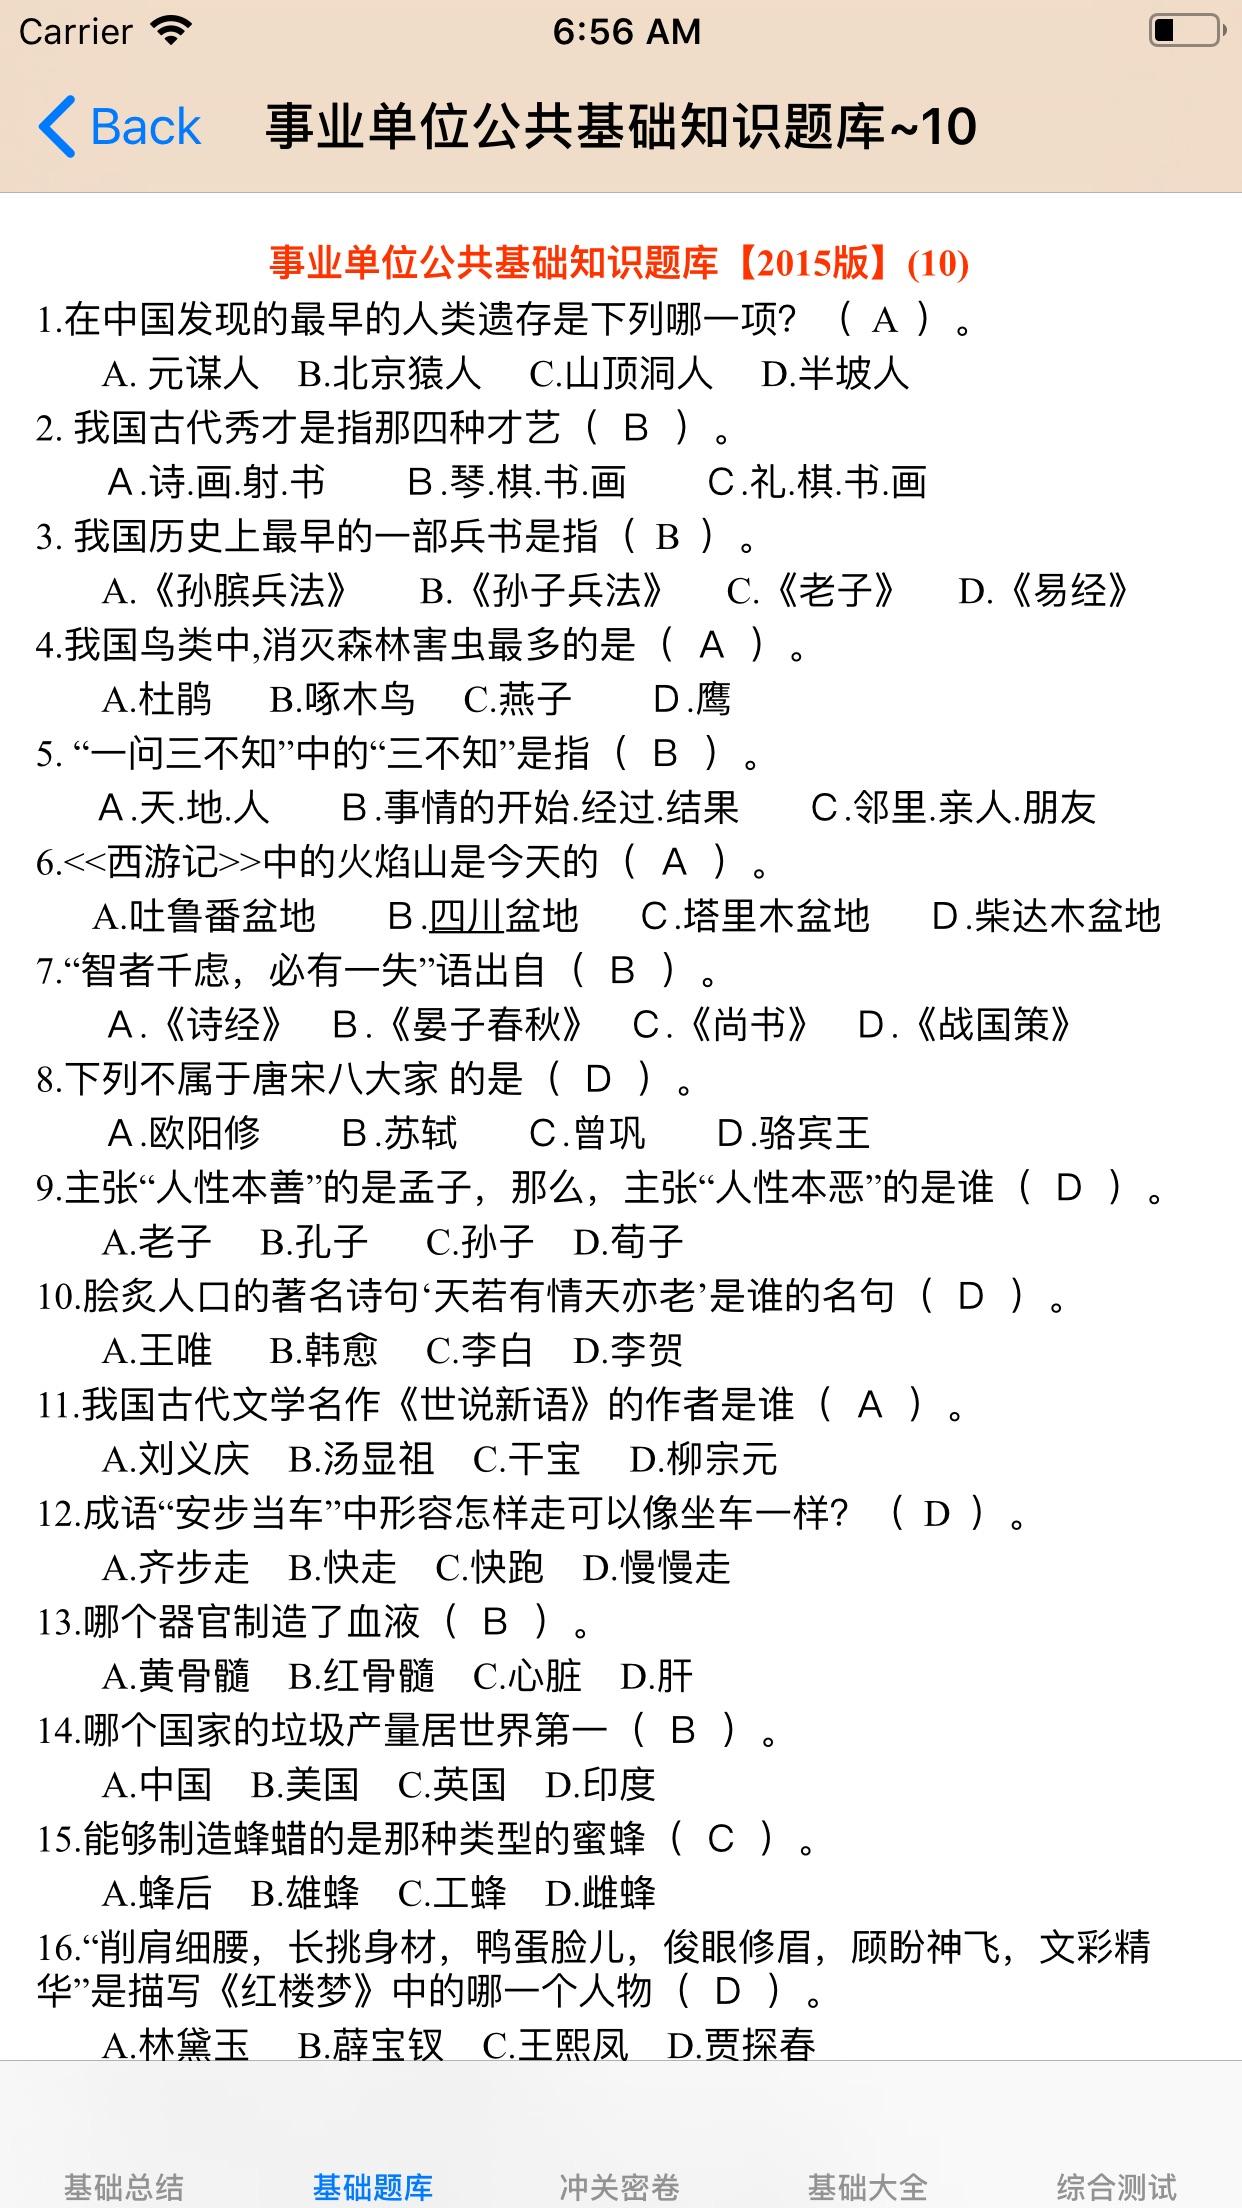 事业单位考试题库大全 Screenshot